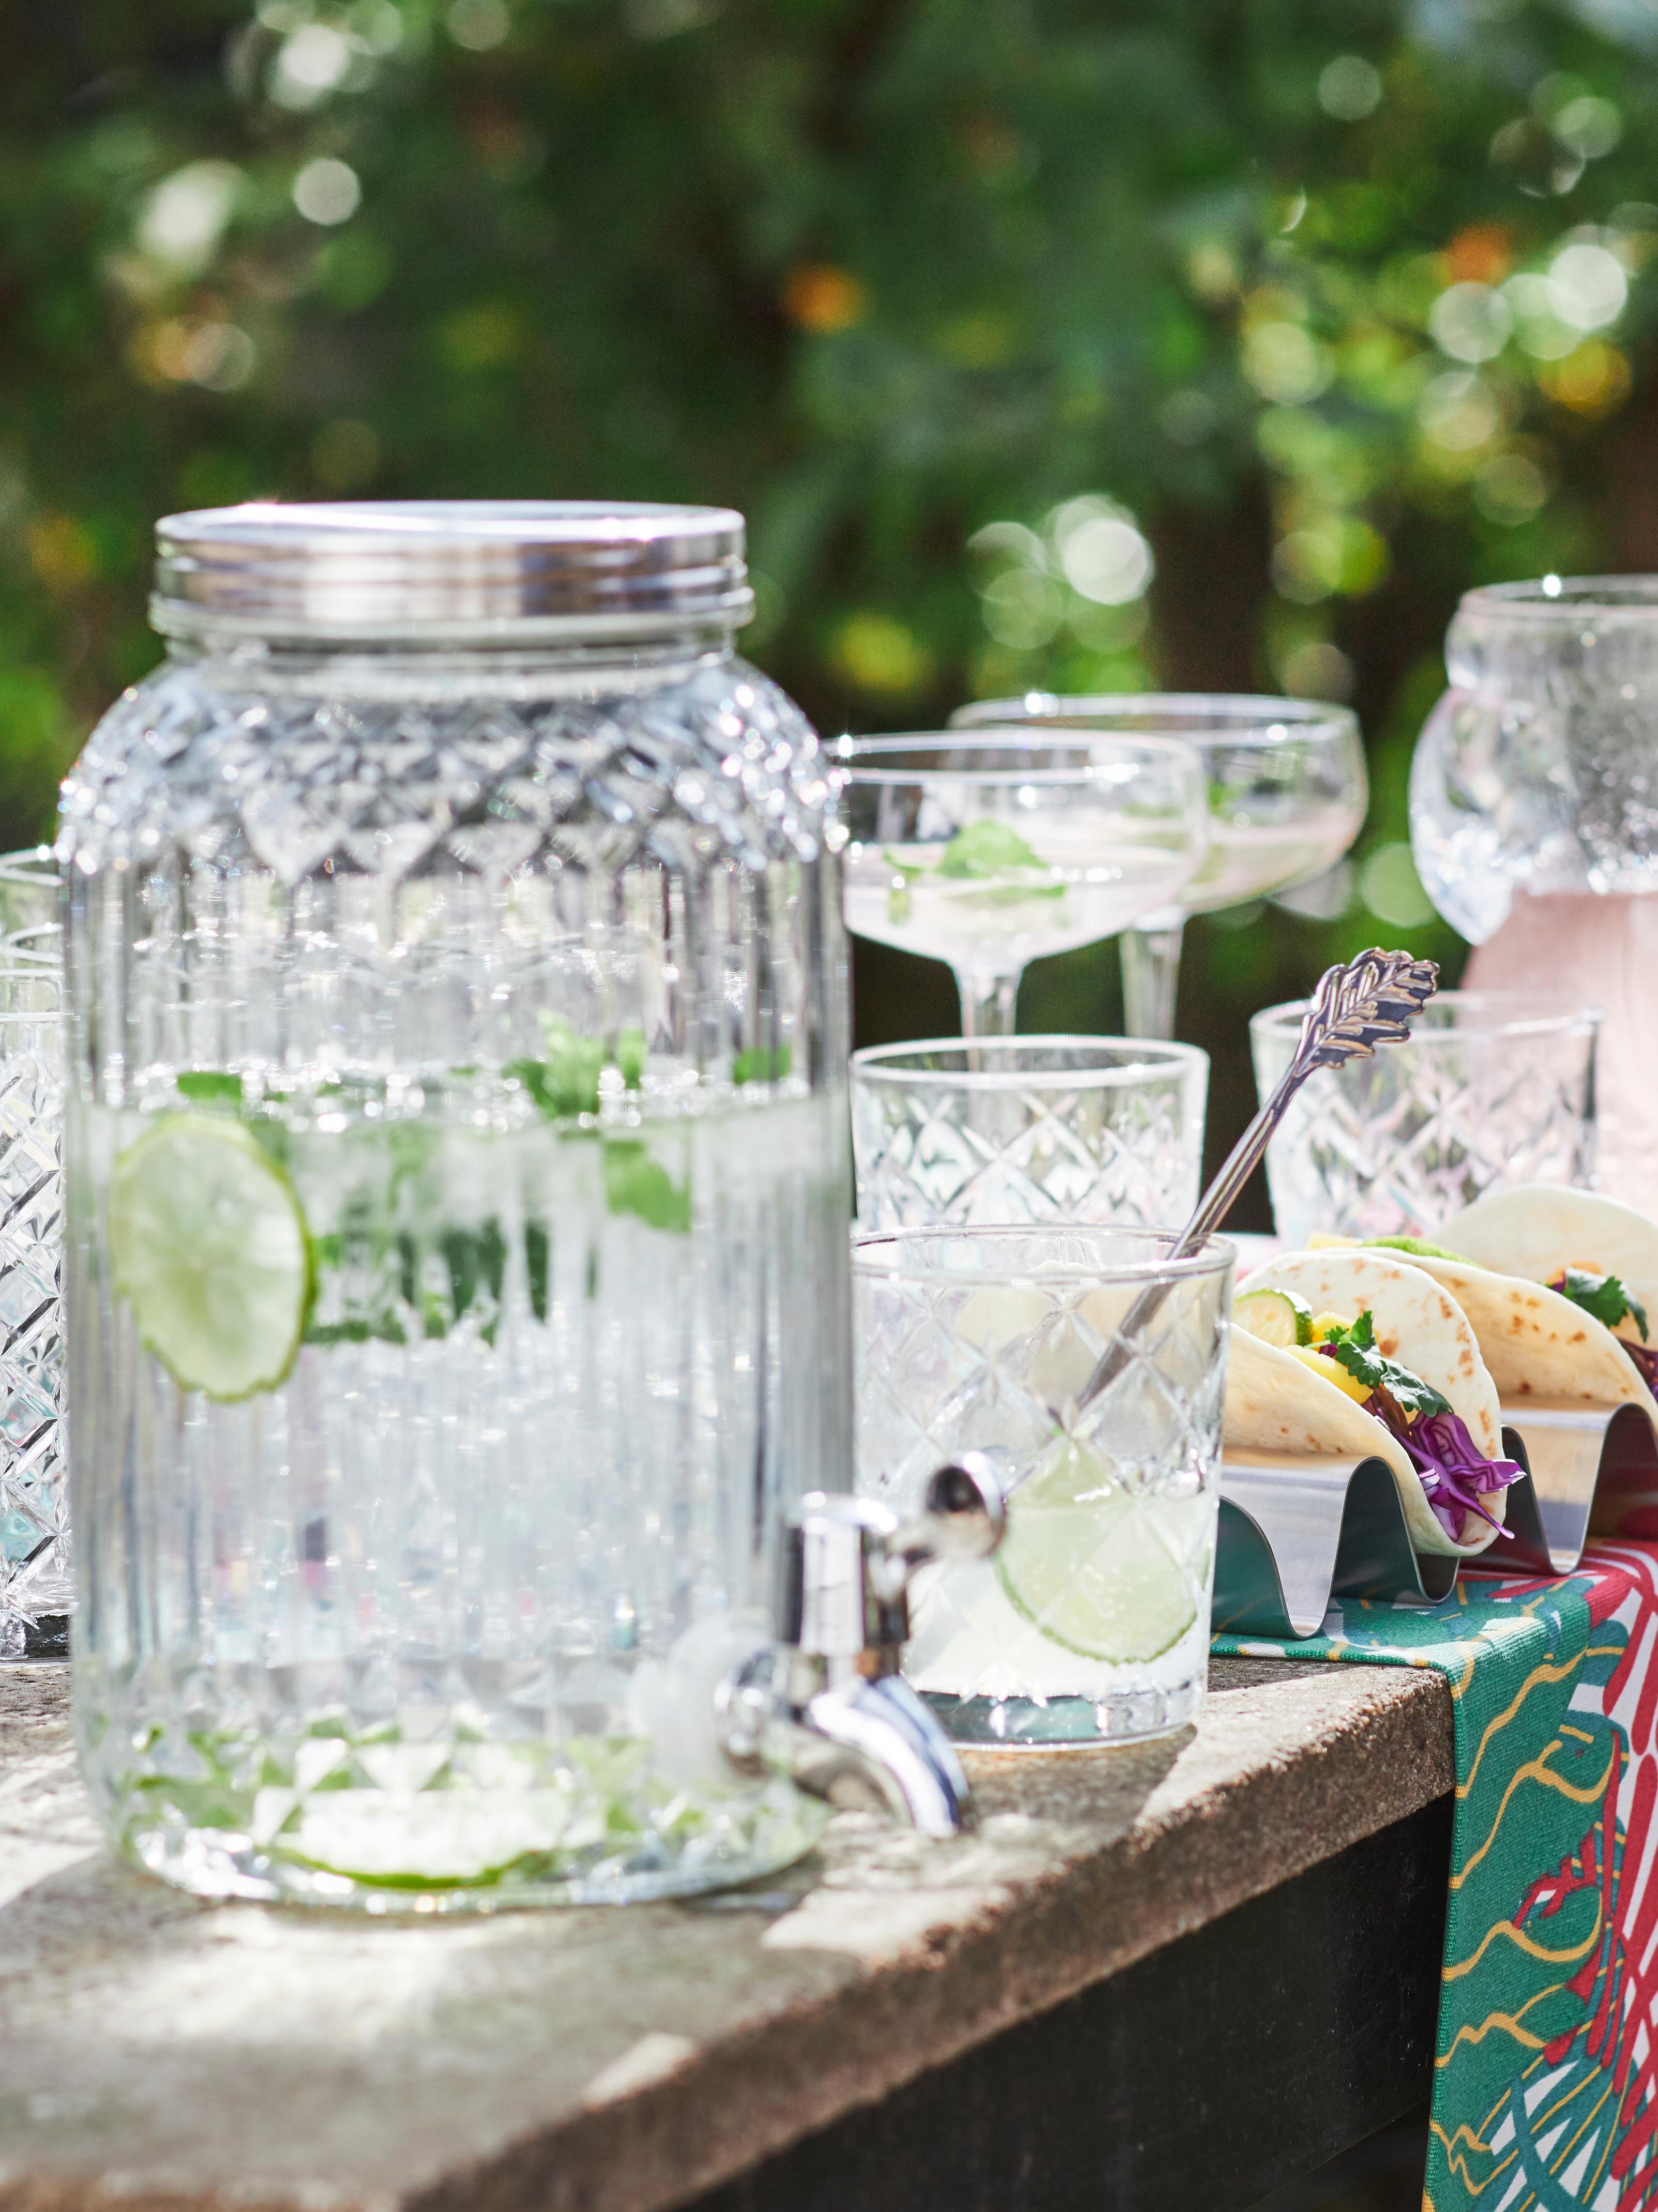 Des verres et un bocal en verre transparent KALASFINT avec un robinet contenant de l'eau et des tranches de citron vert posés sur une tablette en pierre utilisée comme table.